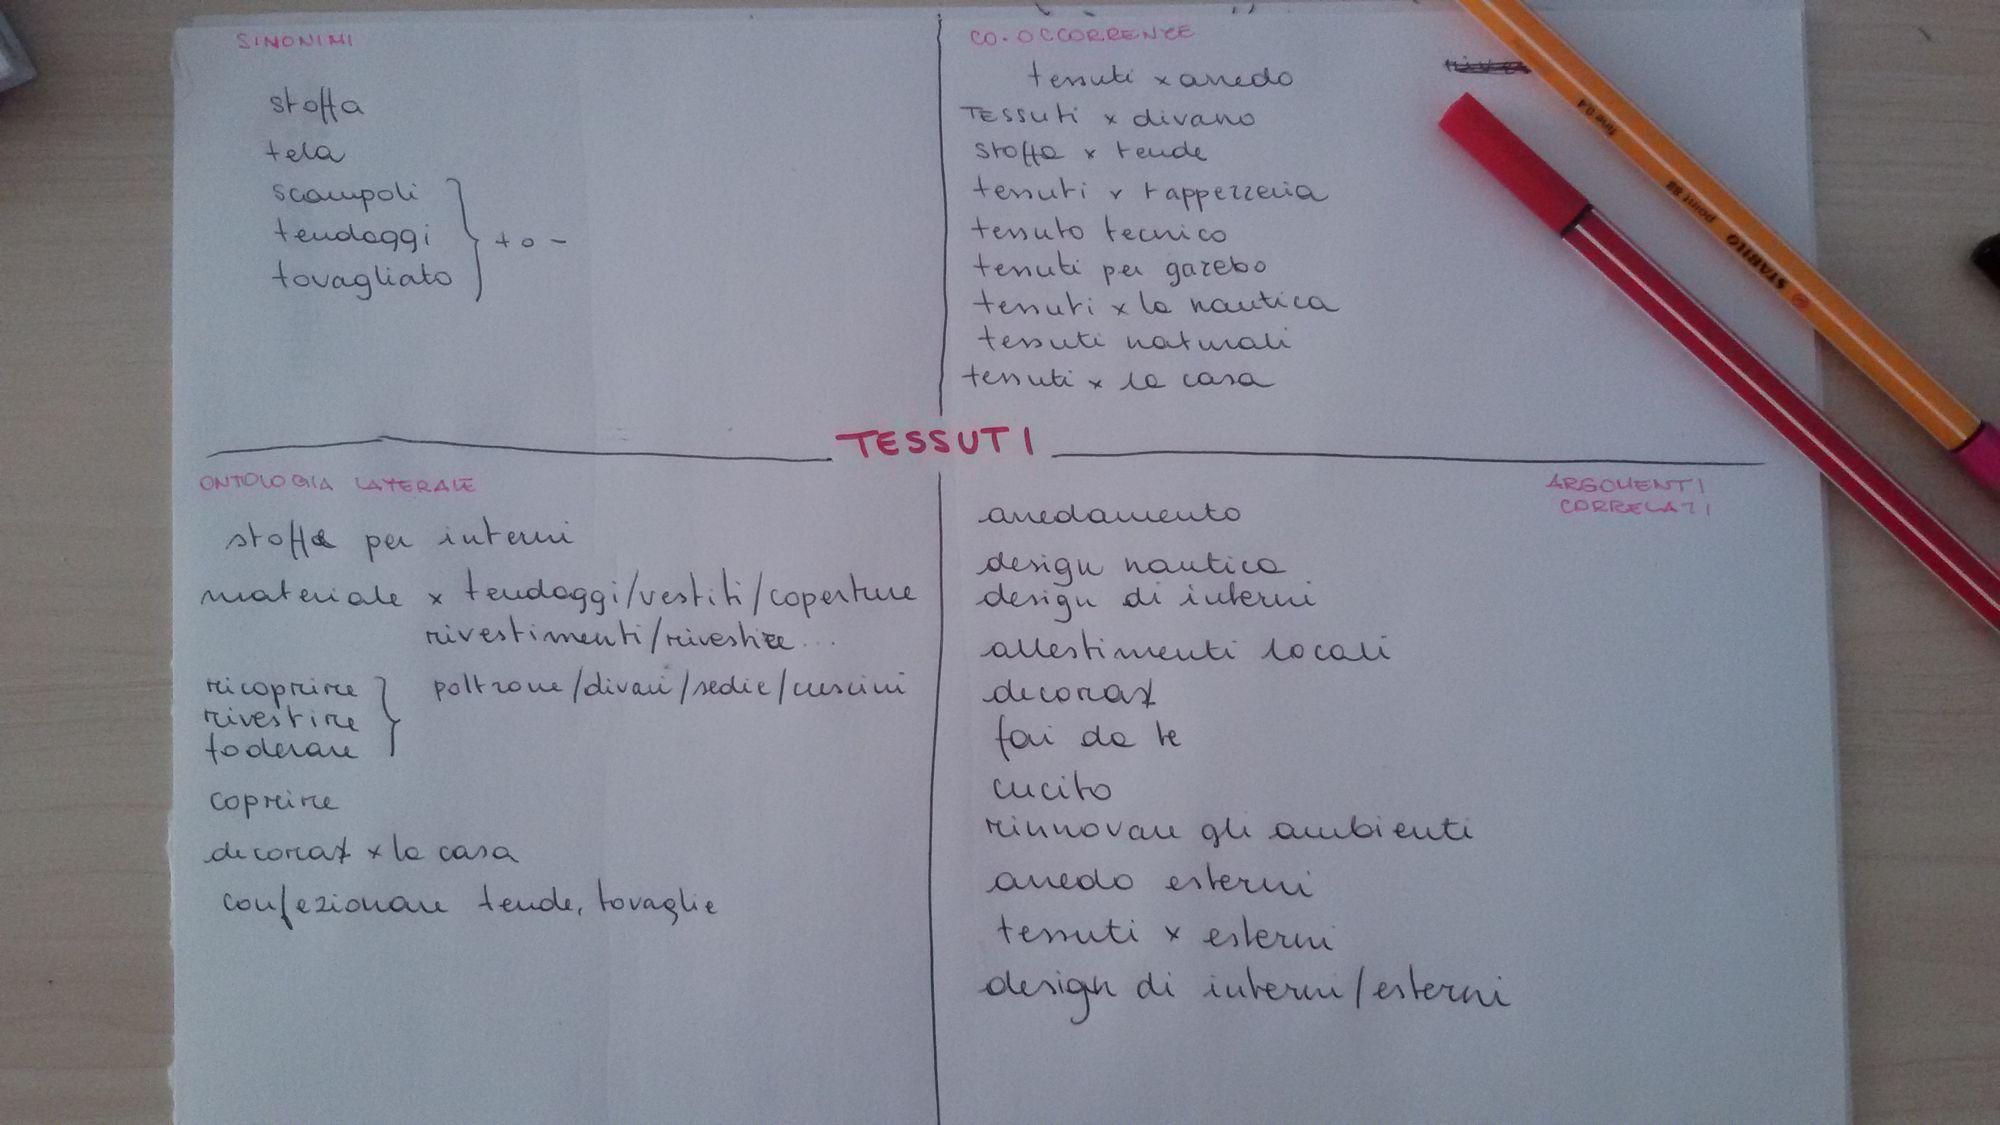 Corso di scrittura SEO: gli argomenti correlati